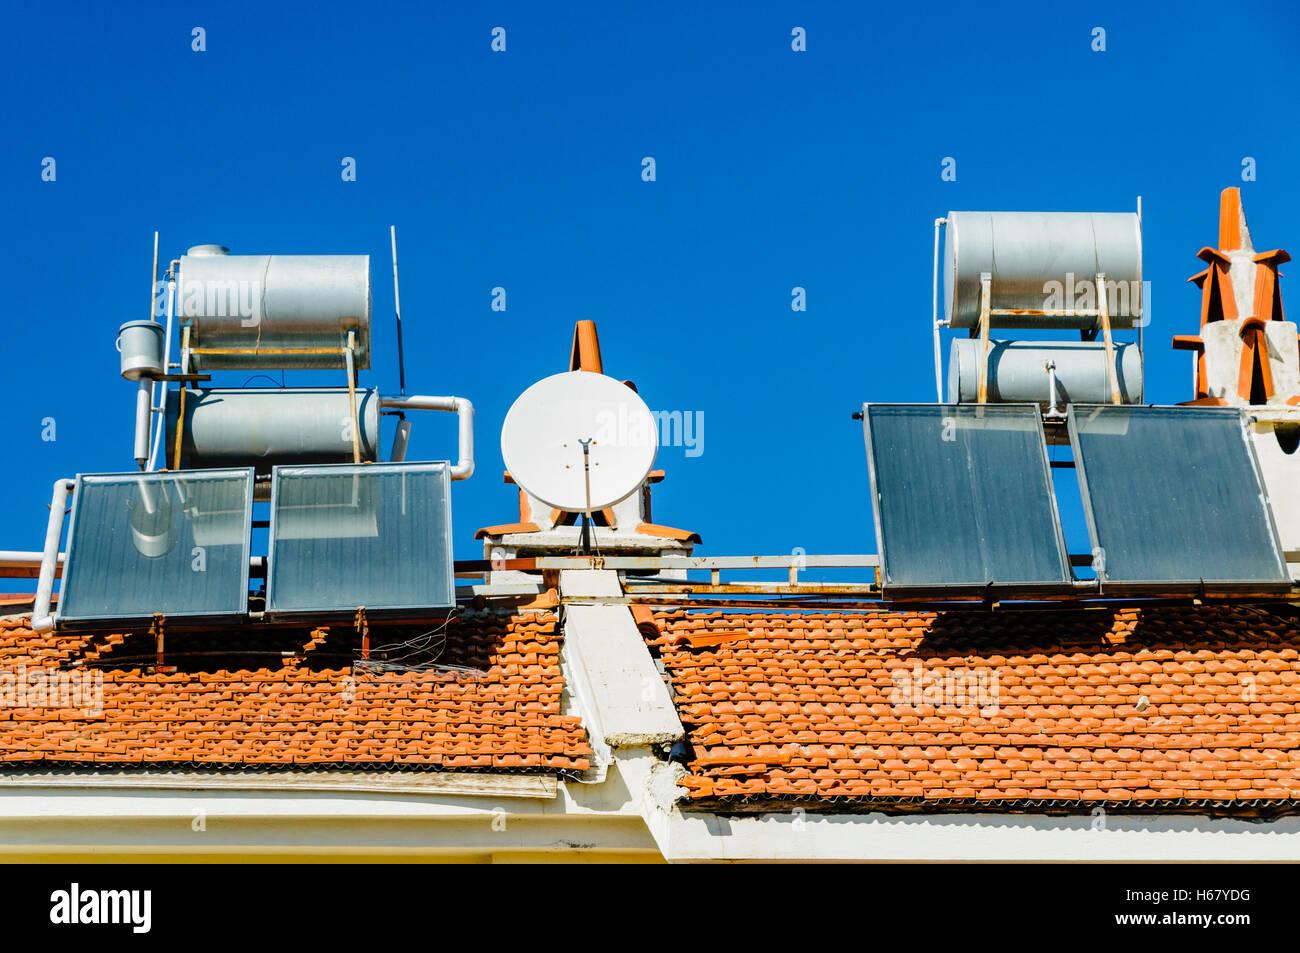 Caloriferi di Acqua Solari e le antenne paraboliche sul tetto di un edificio in un clima caldo Immagini Stock